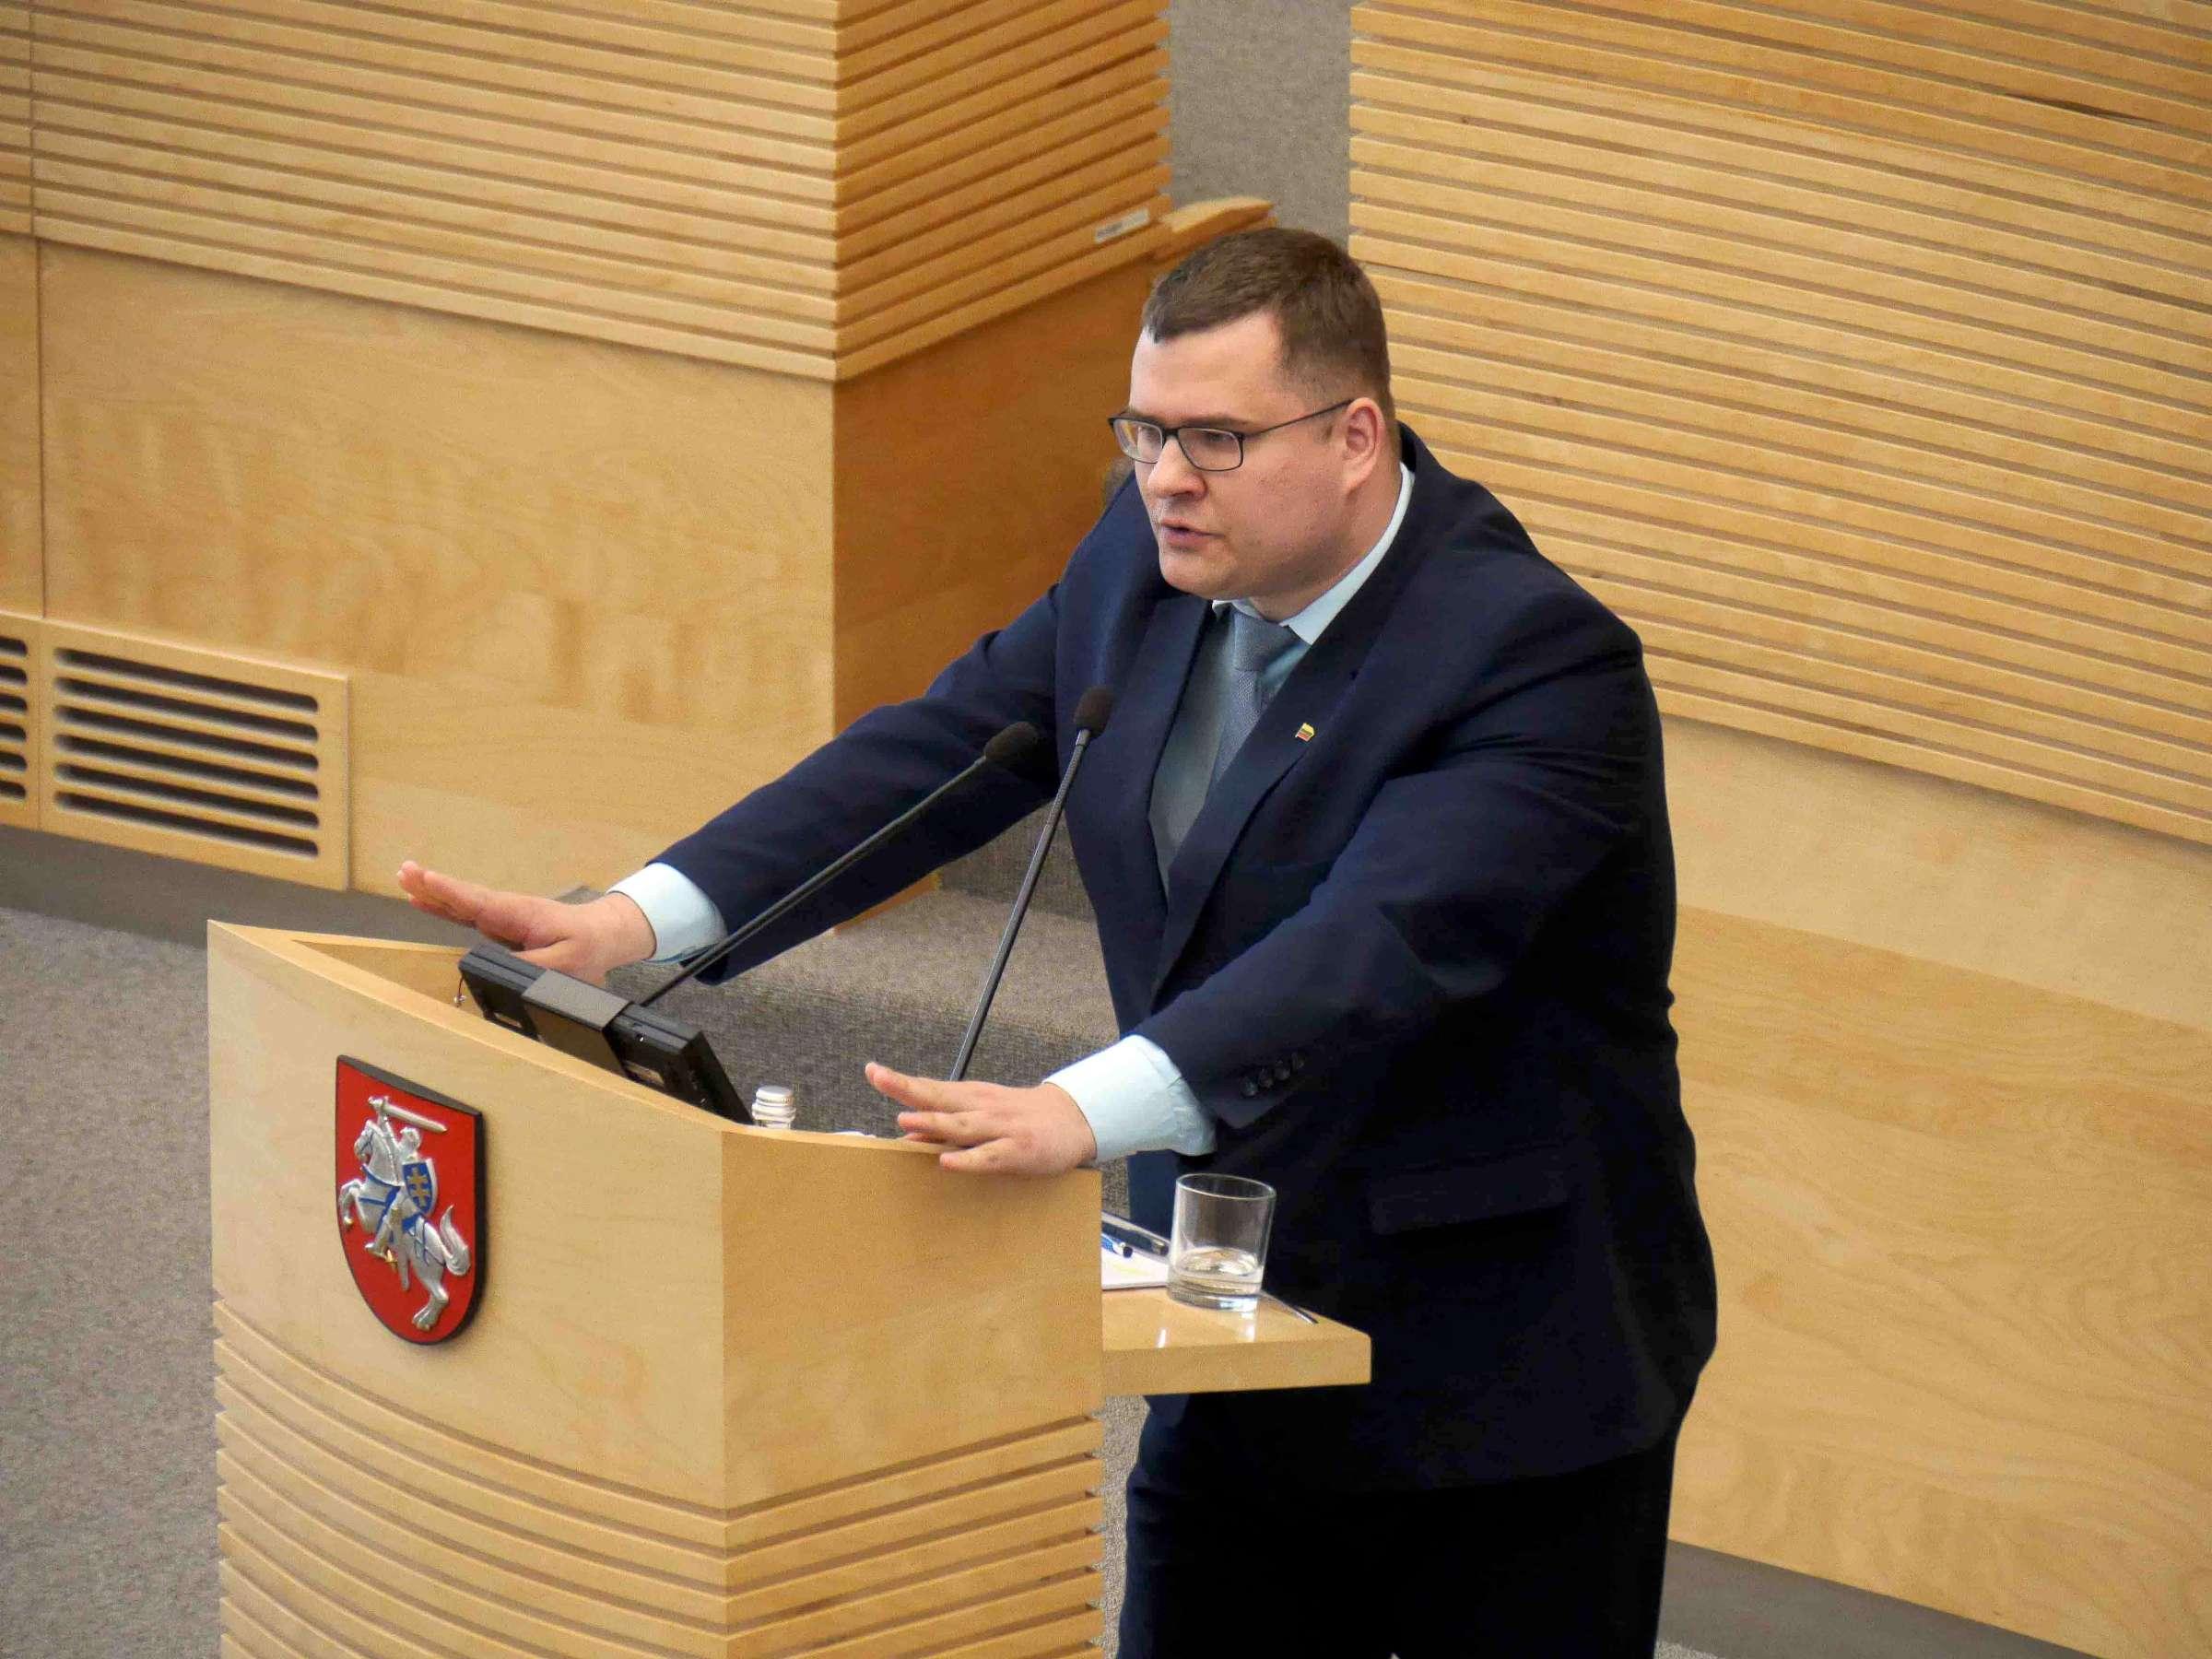 Įstatymo projektą pristato TS-LKD frakcijos narys Laurynas Kasčiūnas | Alkas.lt, J. Vaiškūno nuotr.